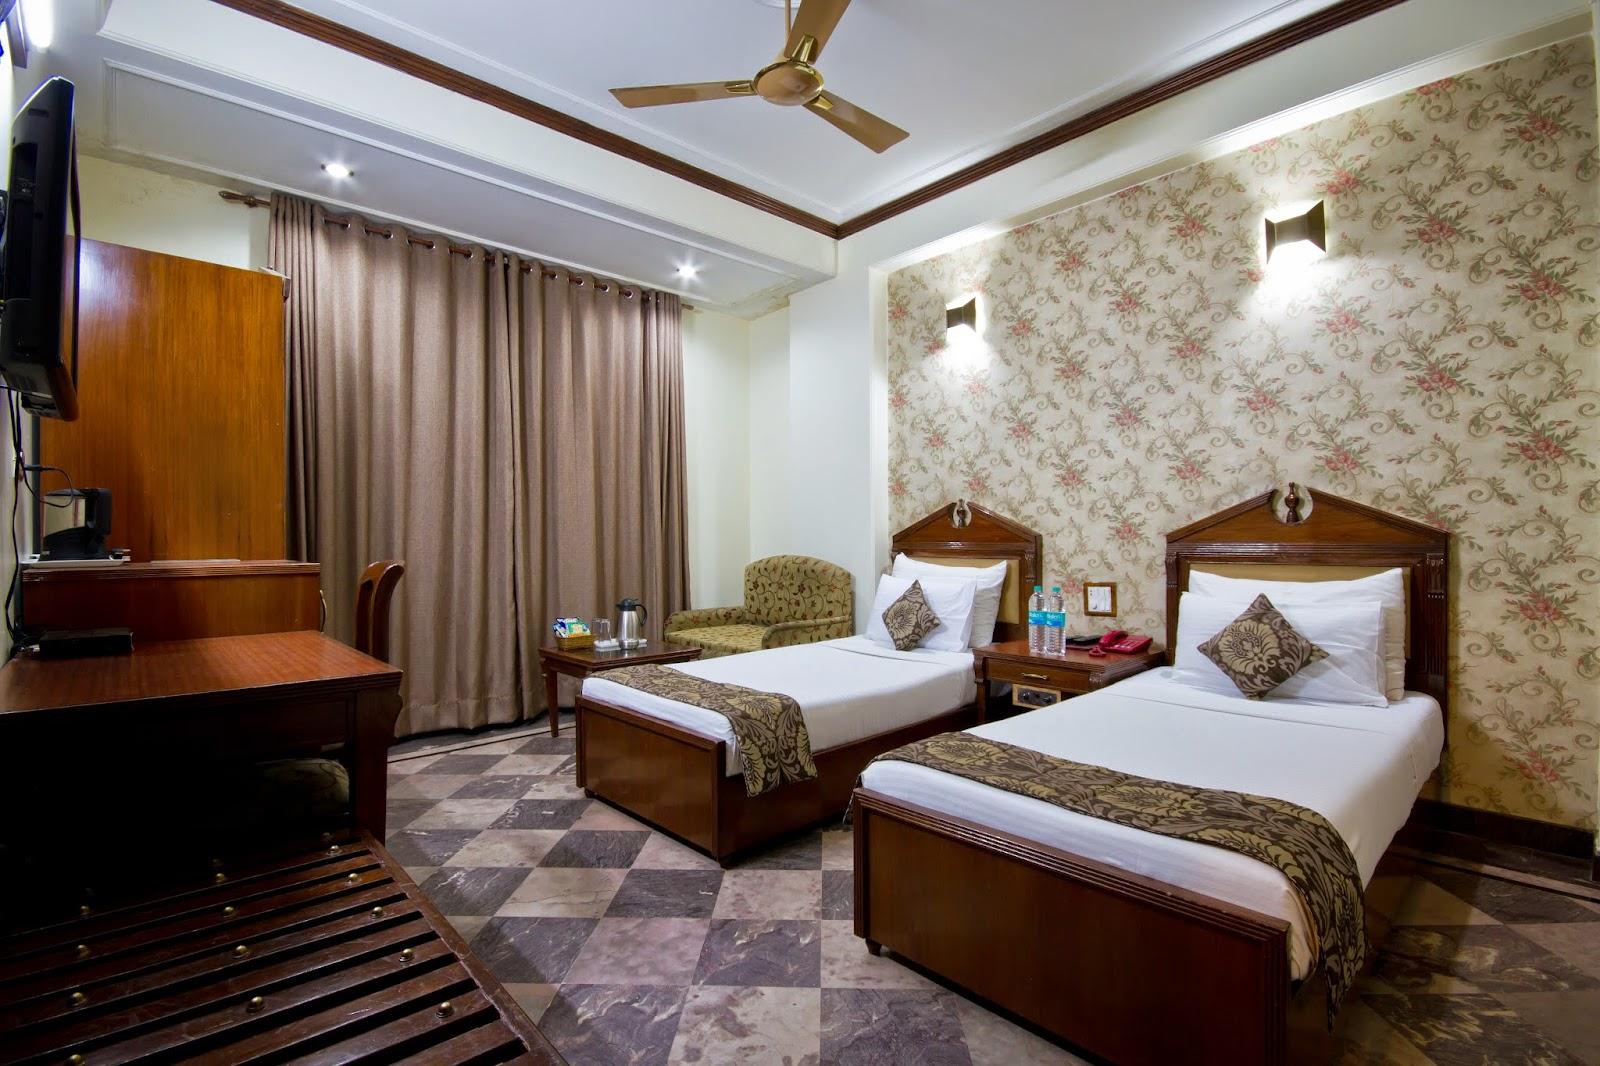 5-stjerners hotell fasiliteter i Delhi